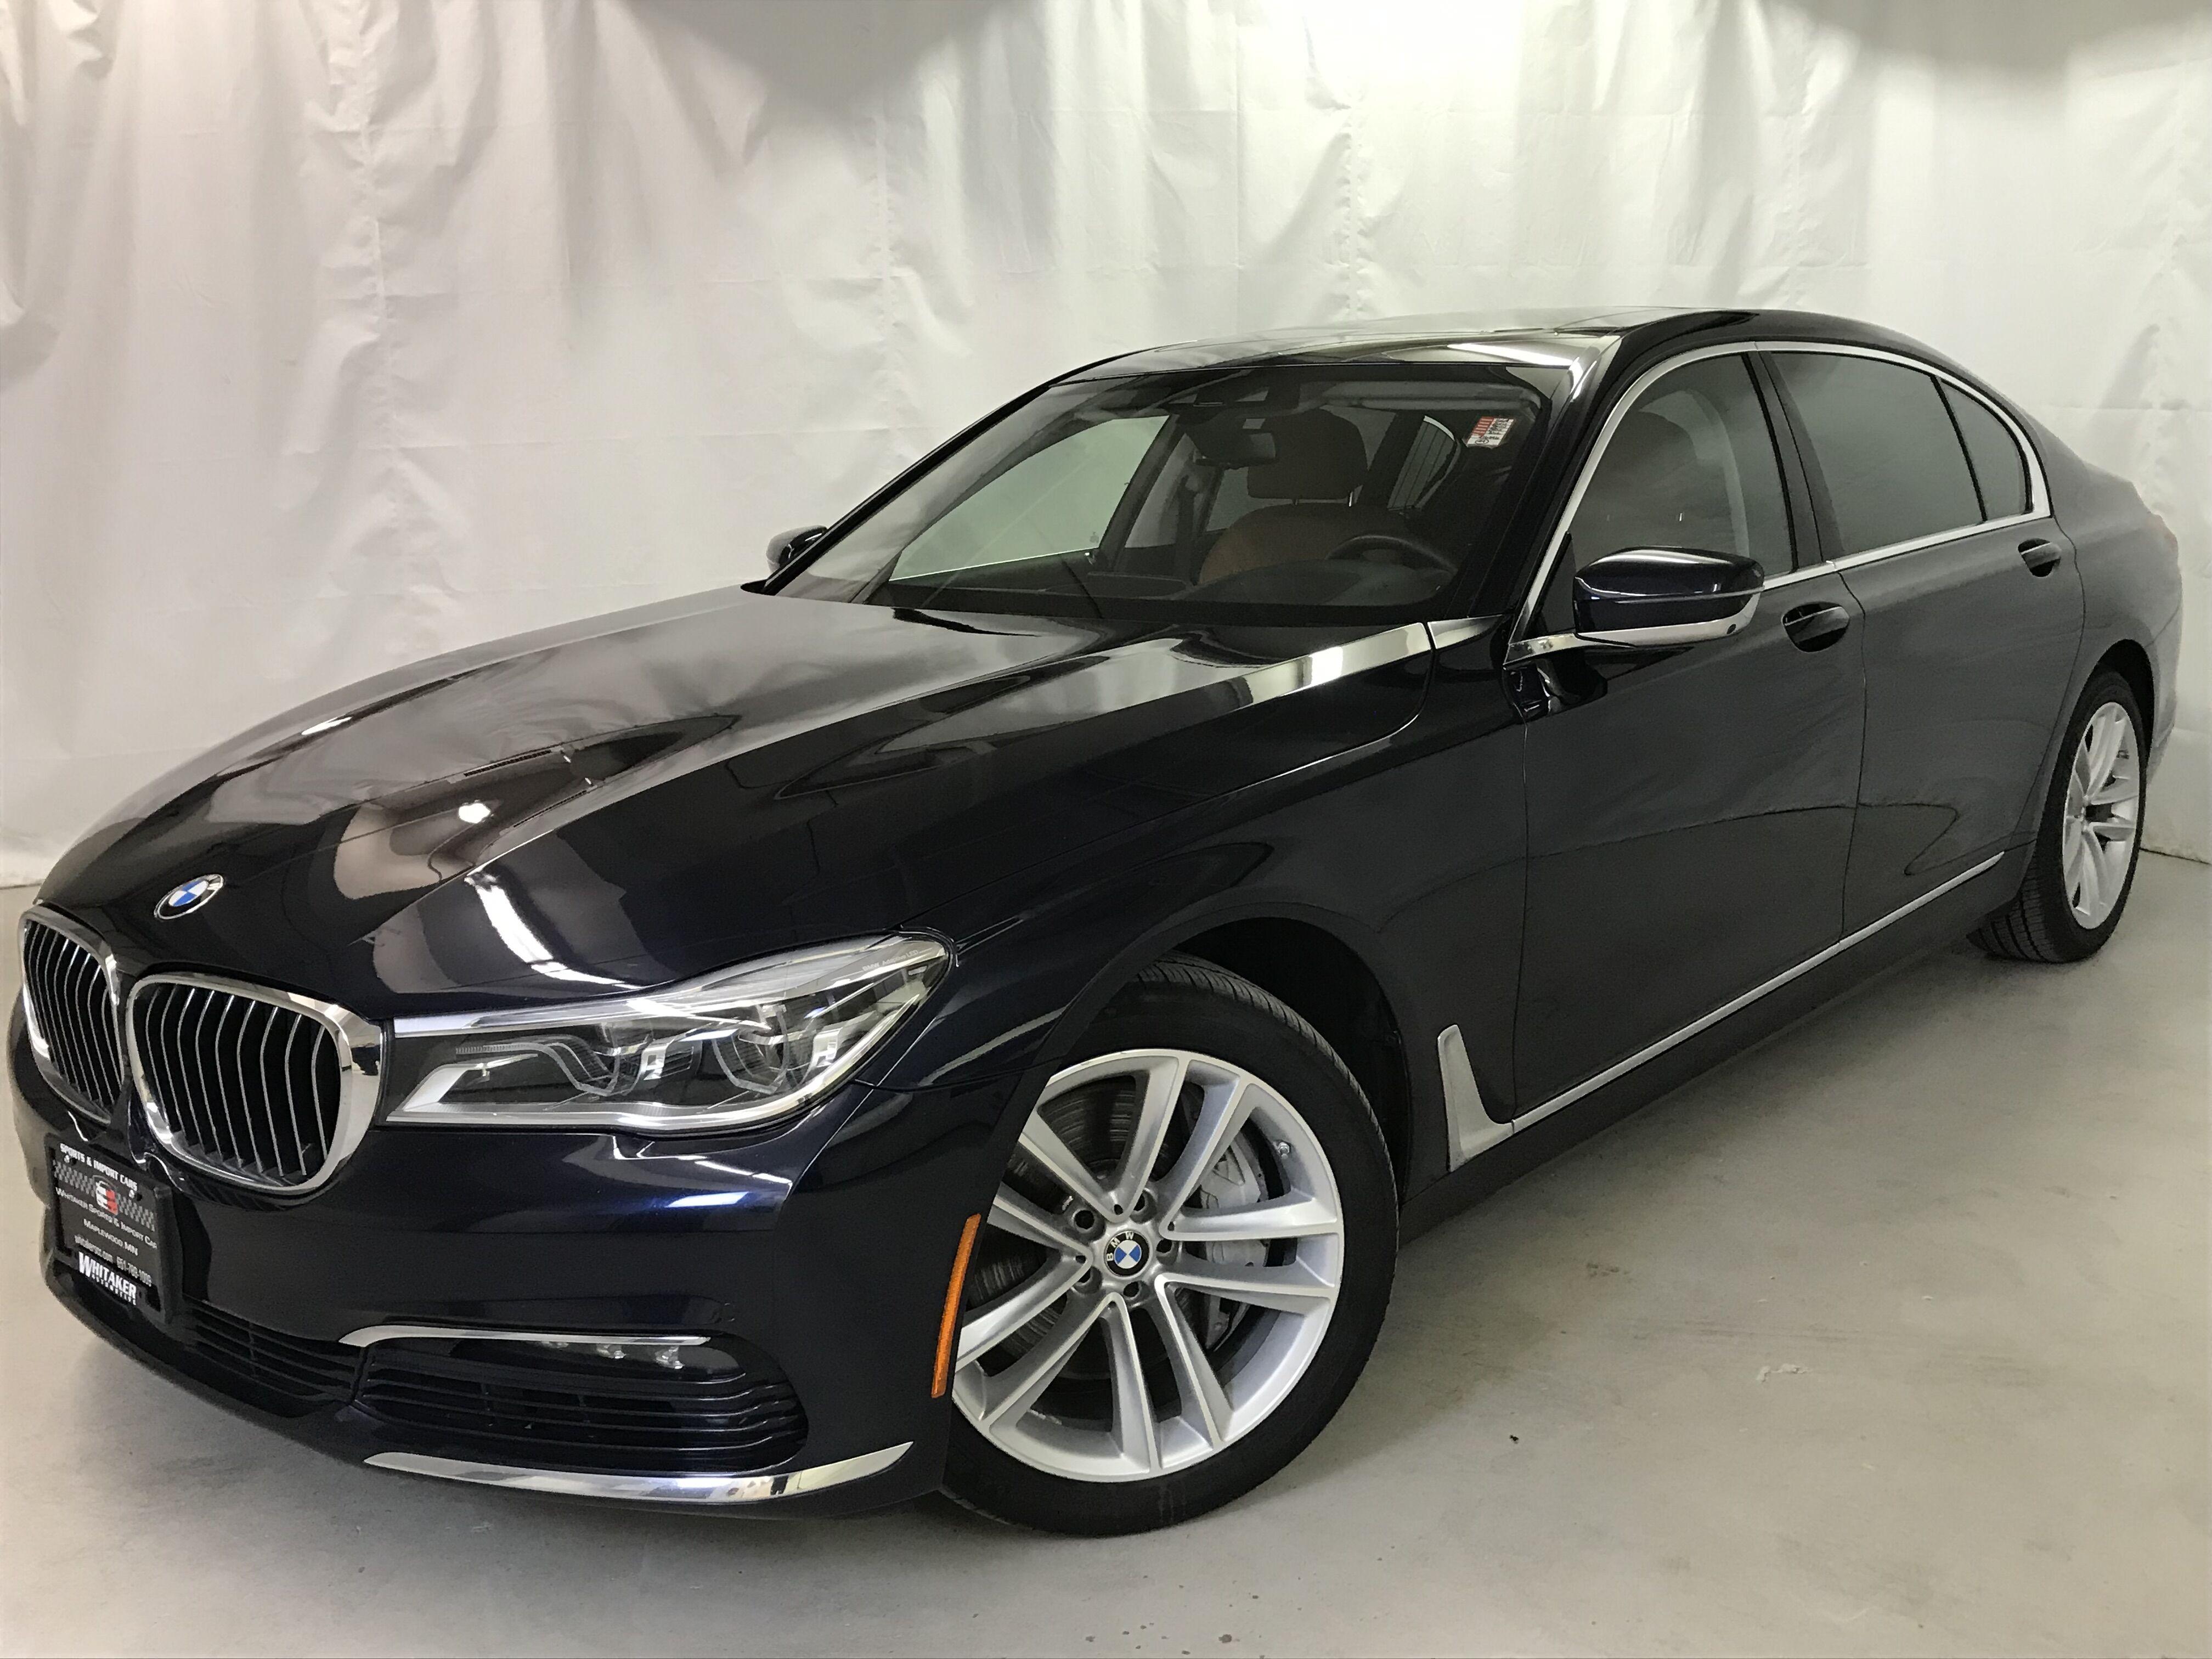 2016 BMW 7 Series 750i xDrive Executive II Driver Assist II Interior Design